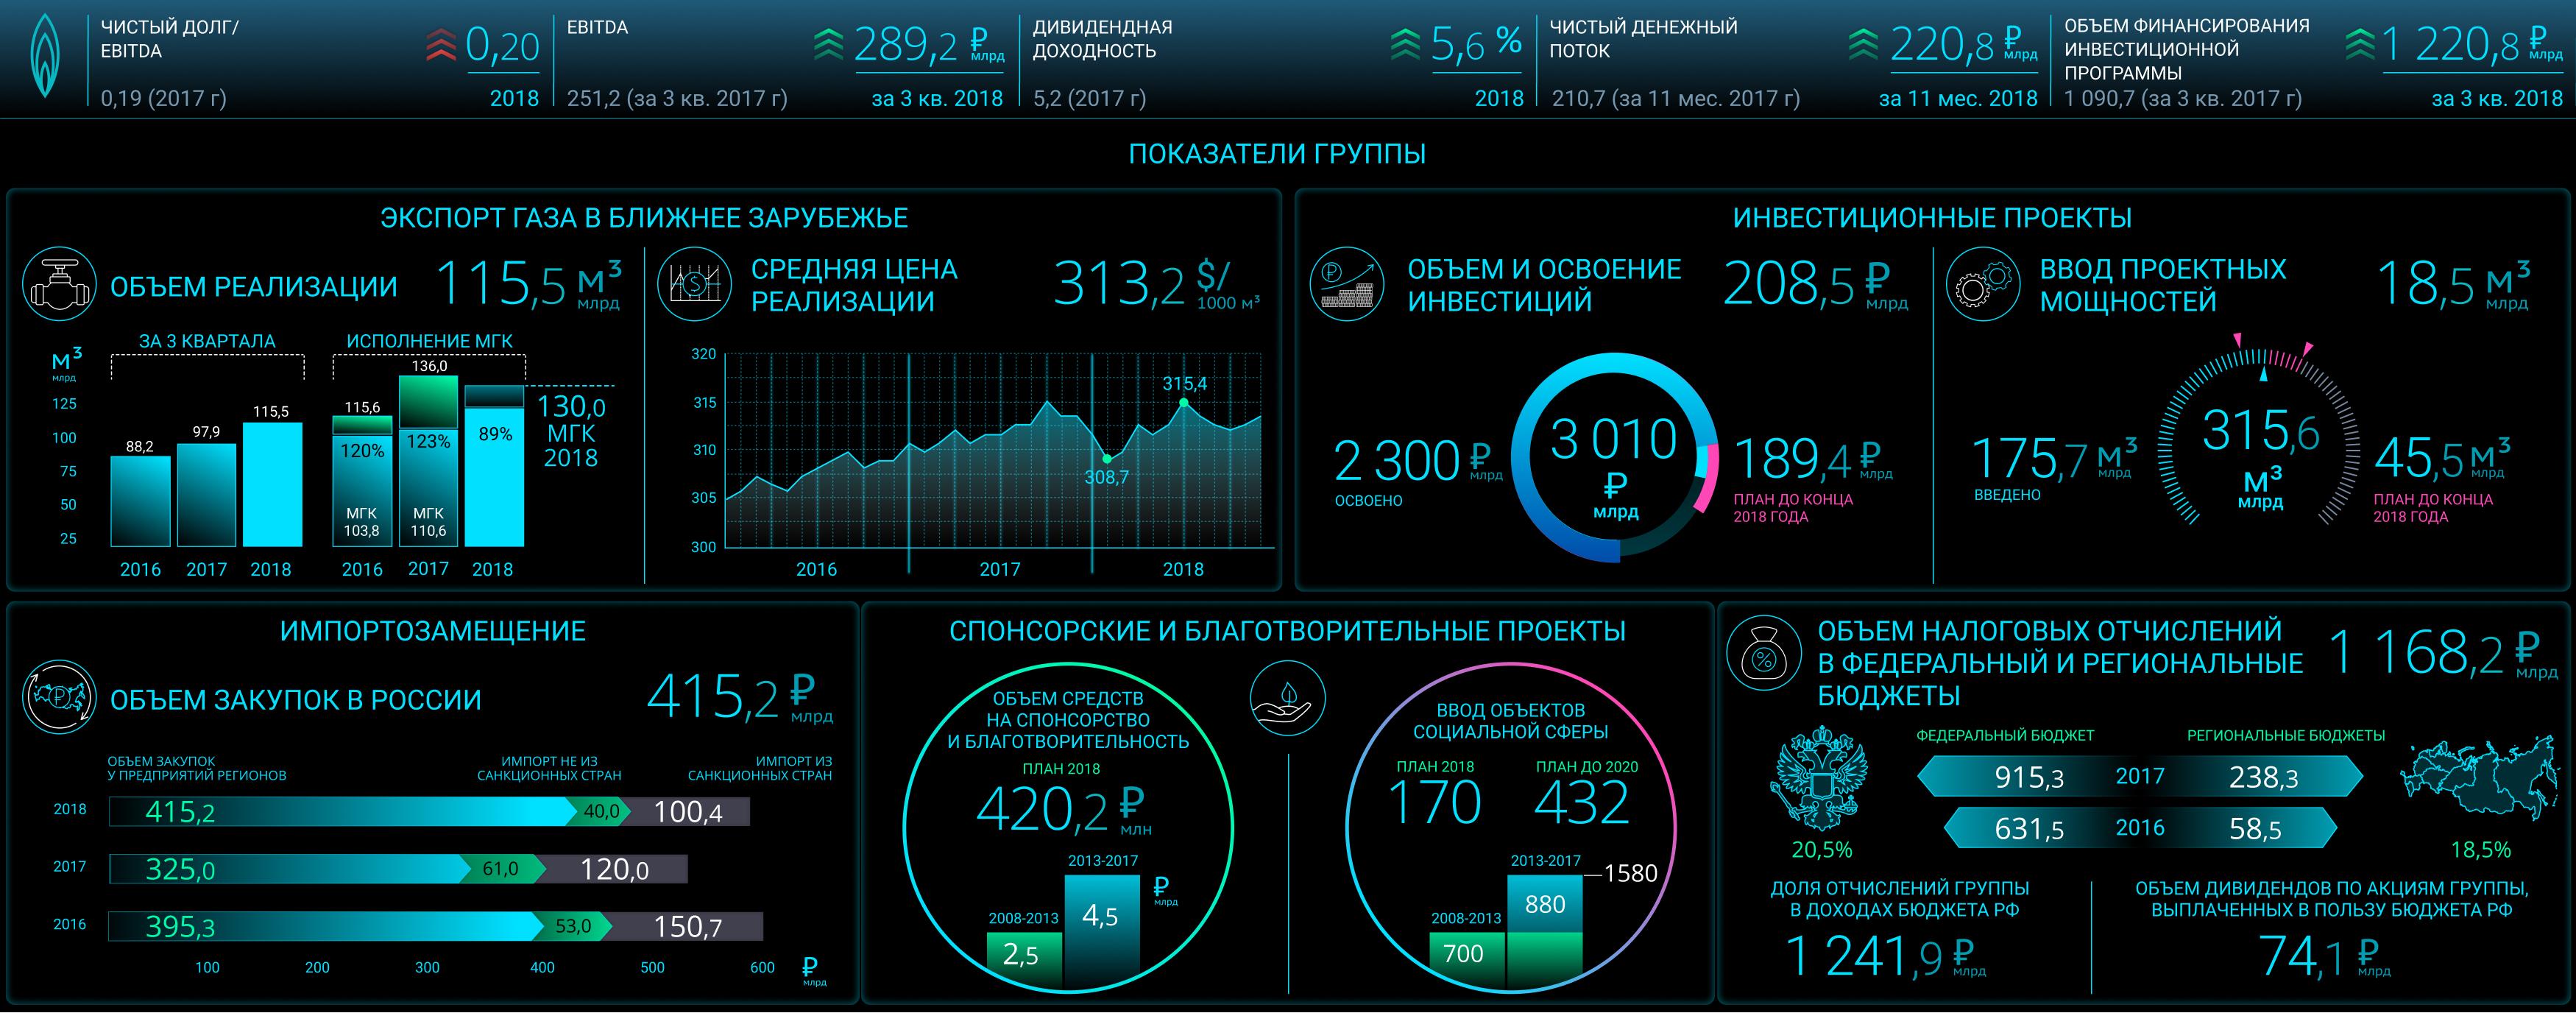 Интерфейс демонстрации KPI